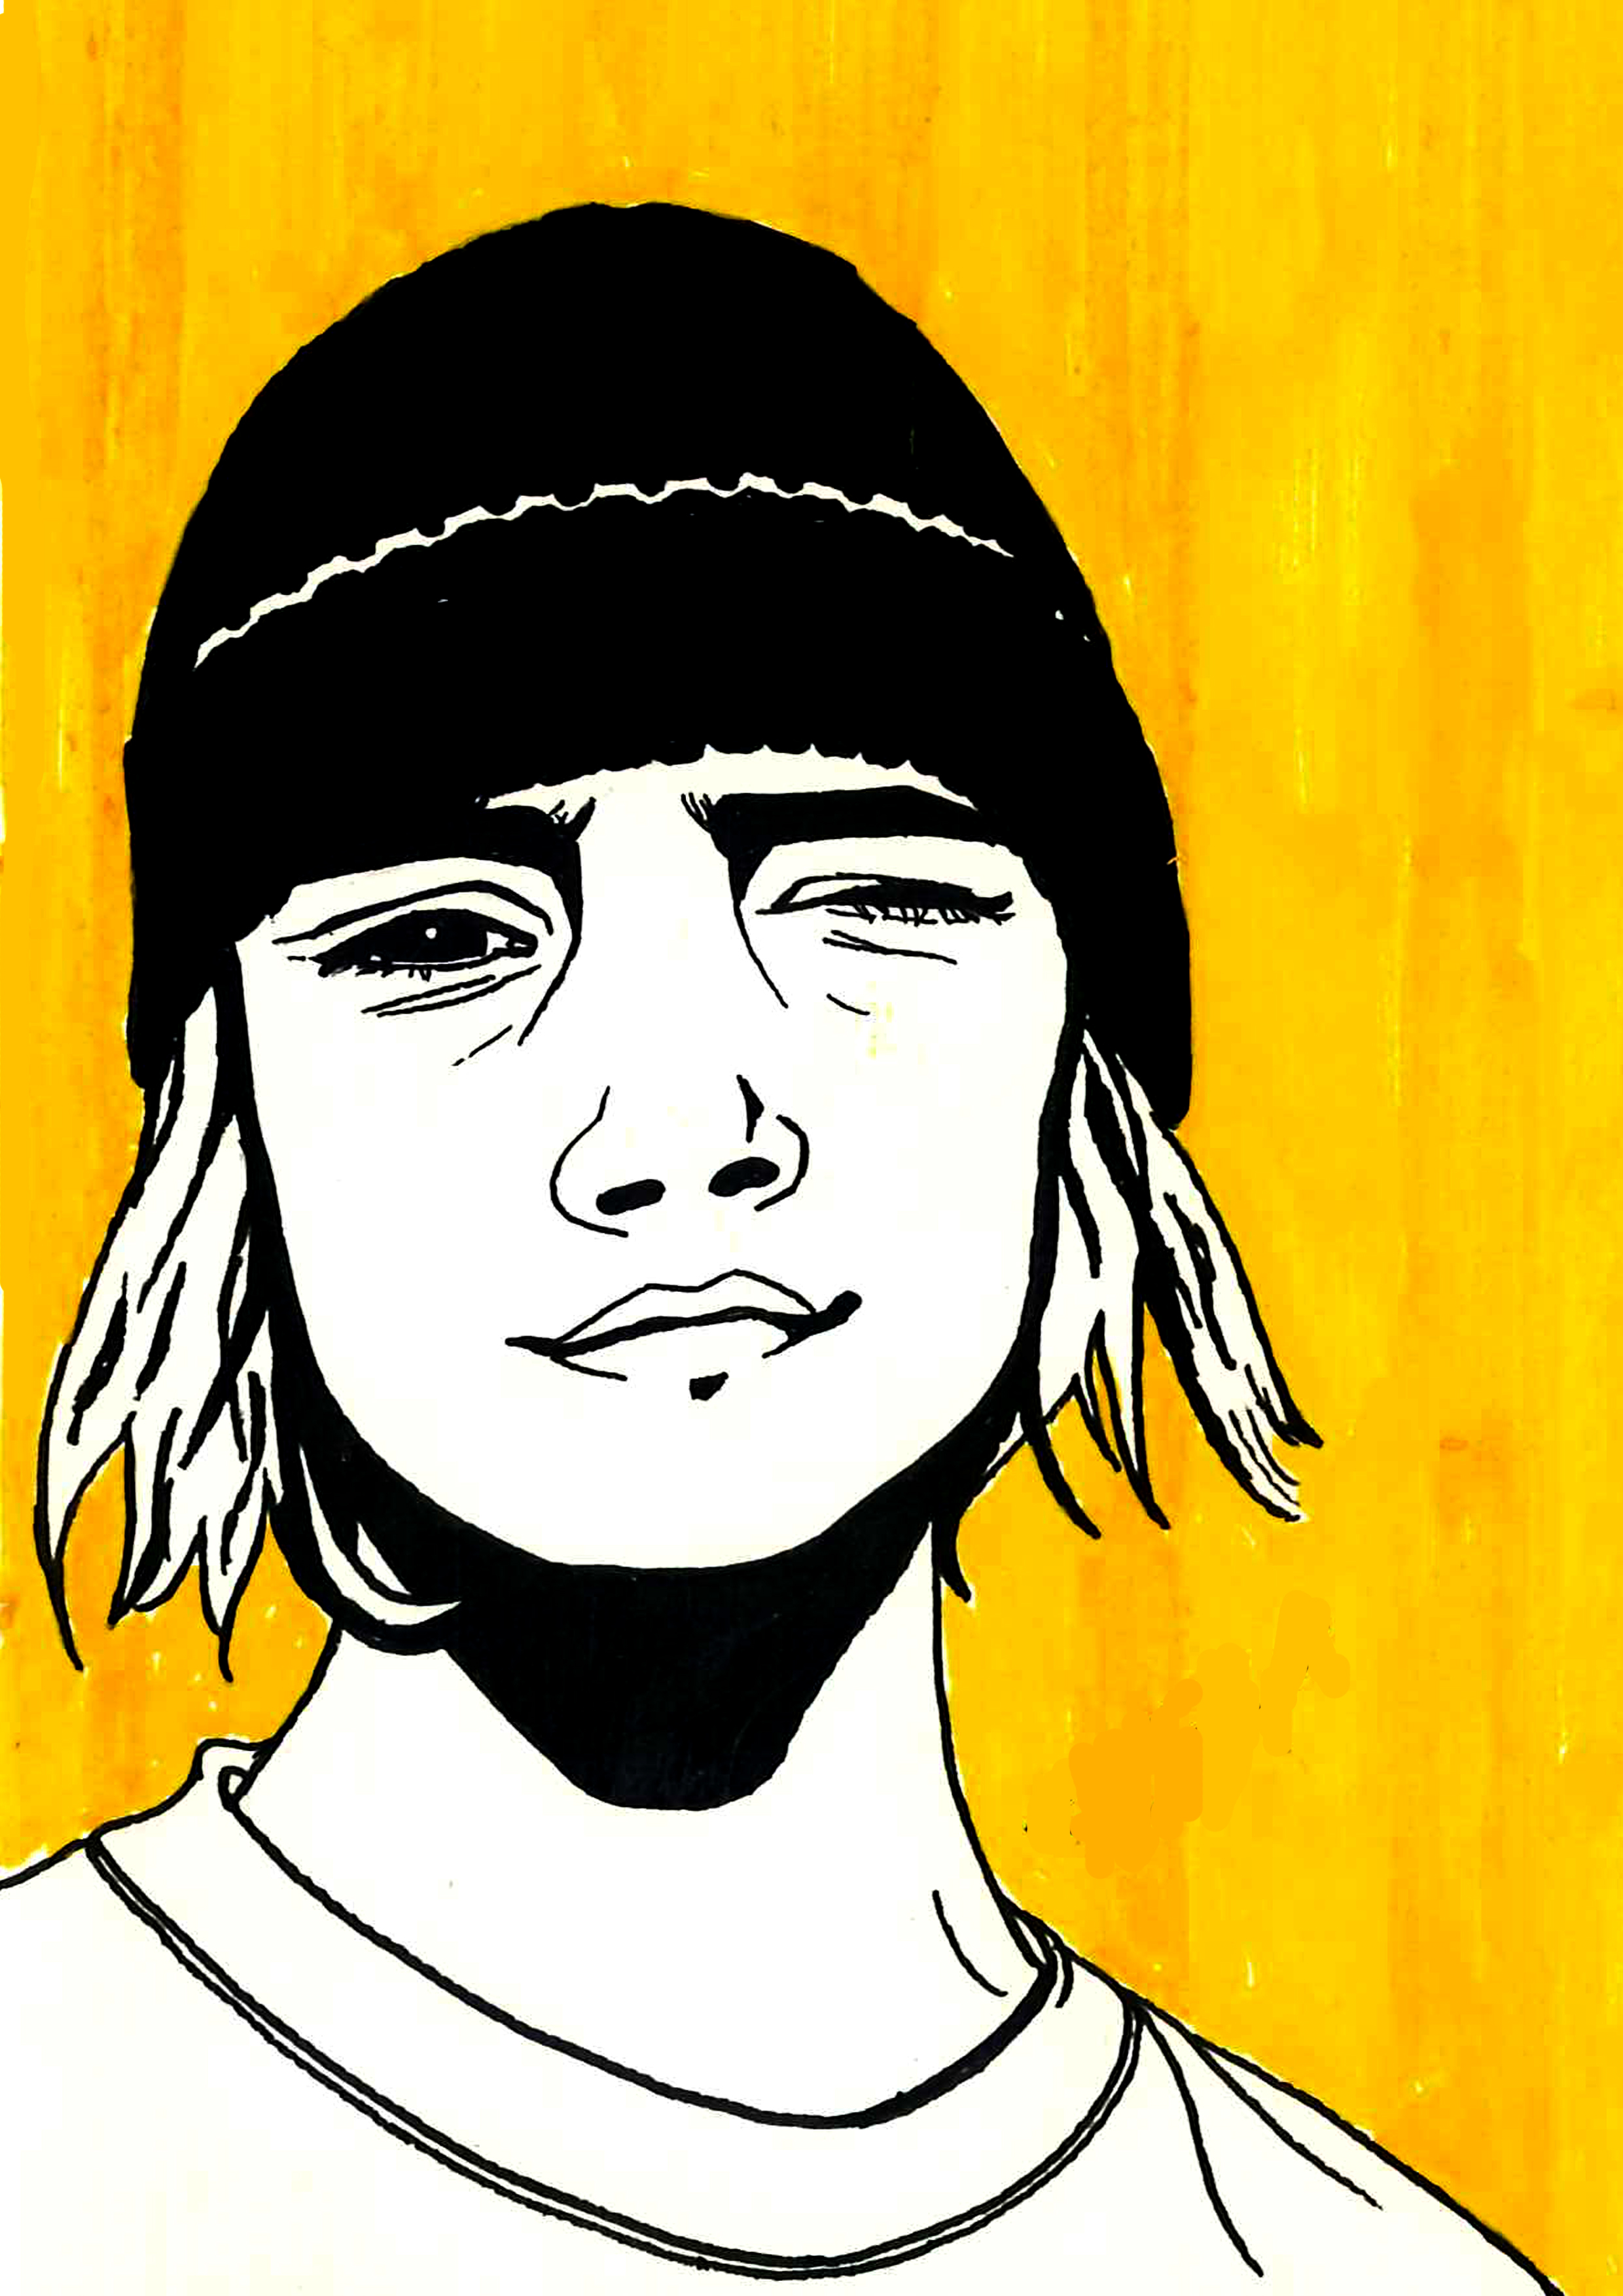 Boy crush  Illustration